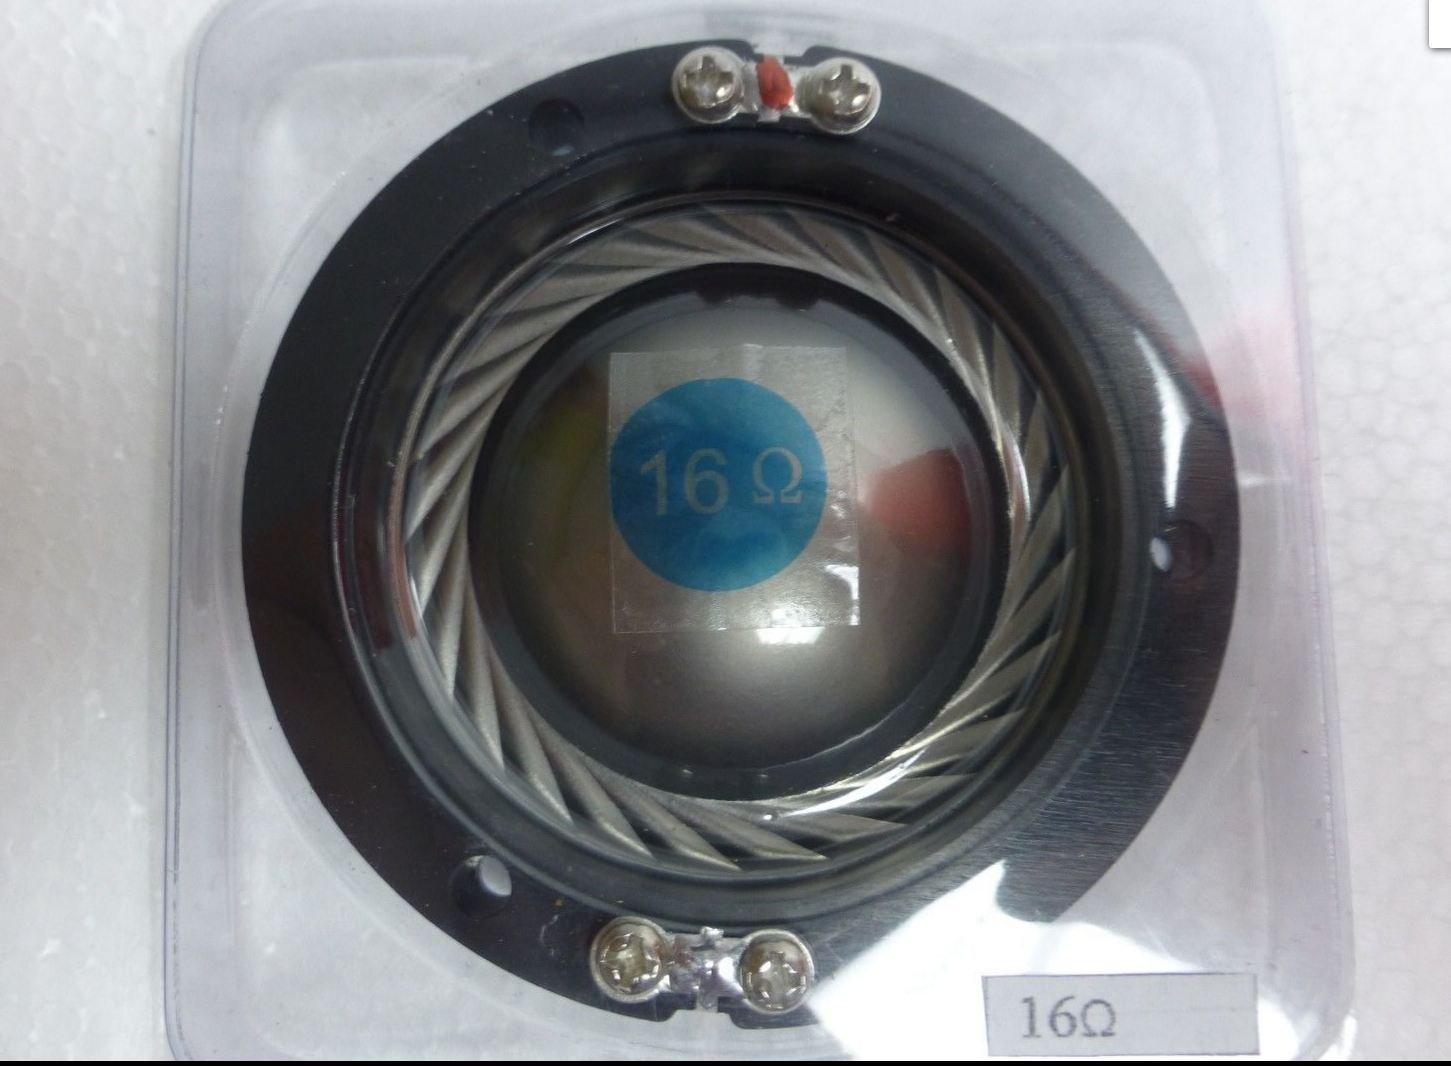 Amazon com: Replacement Diaphragm for Altec 604, 802, 804, 806, 807